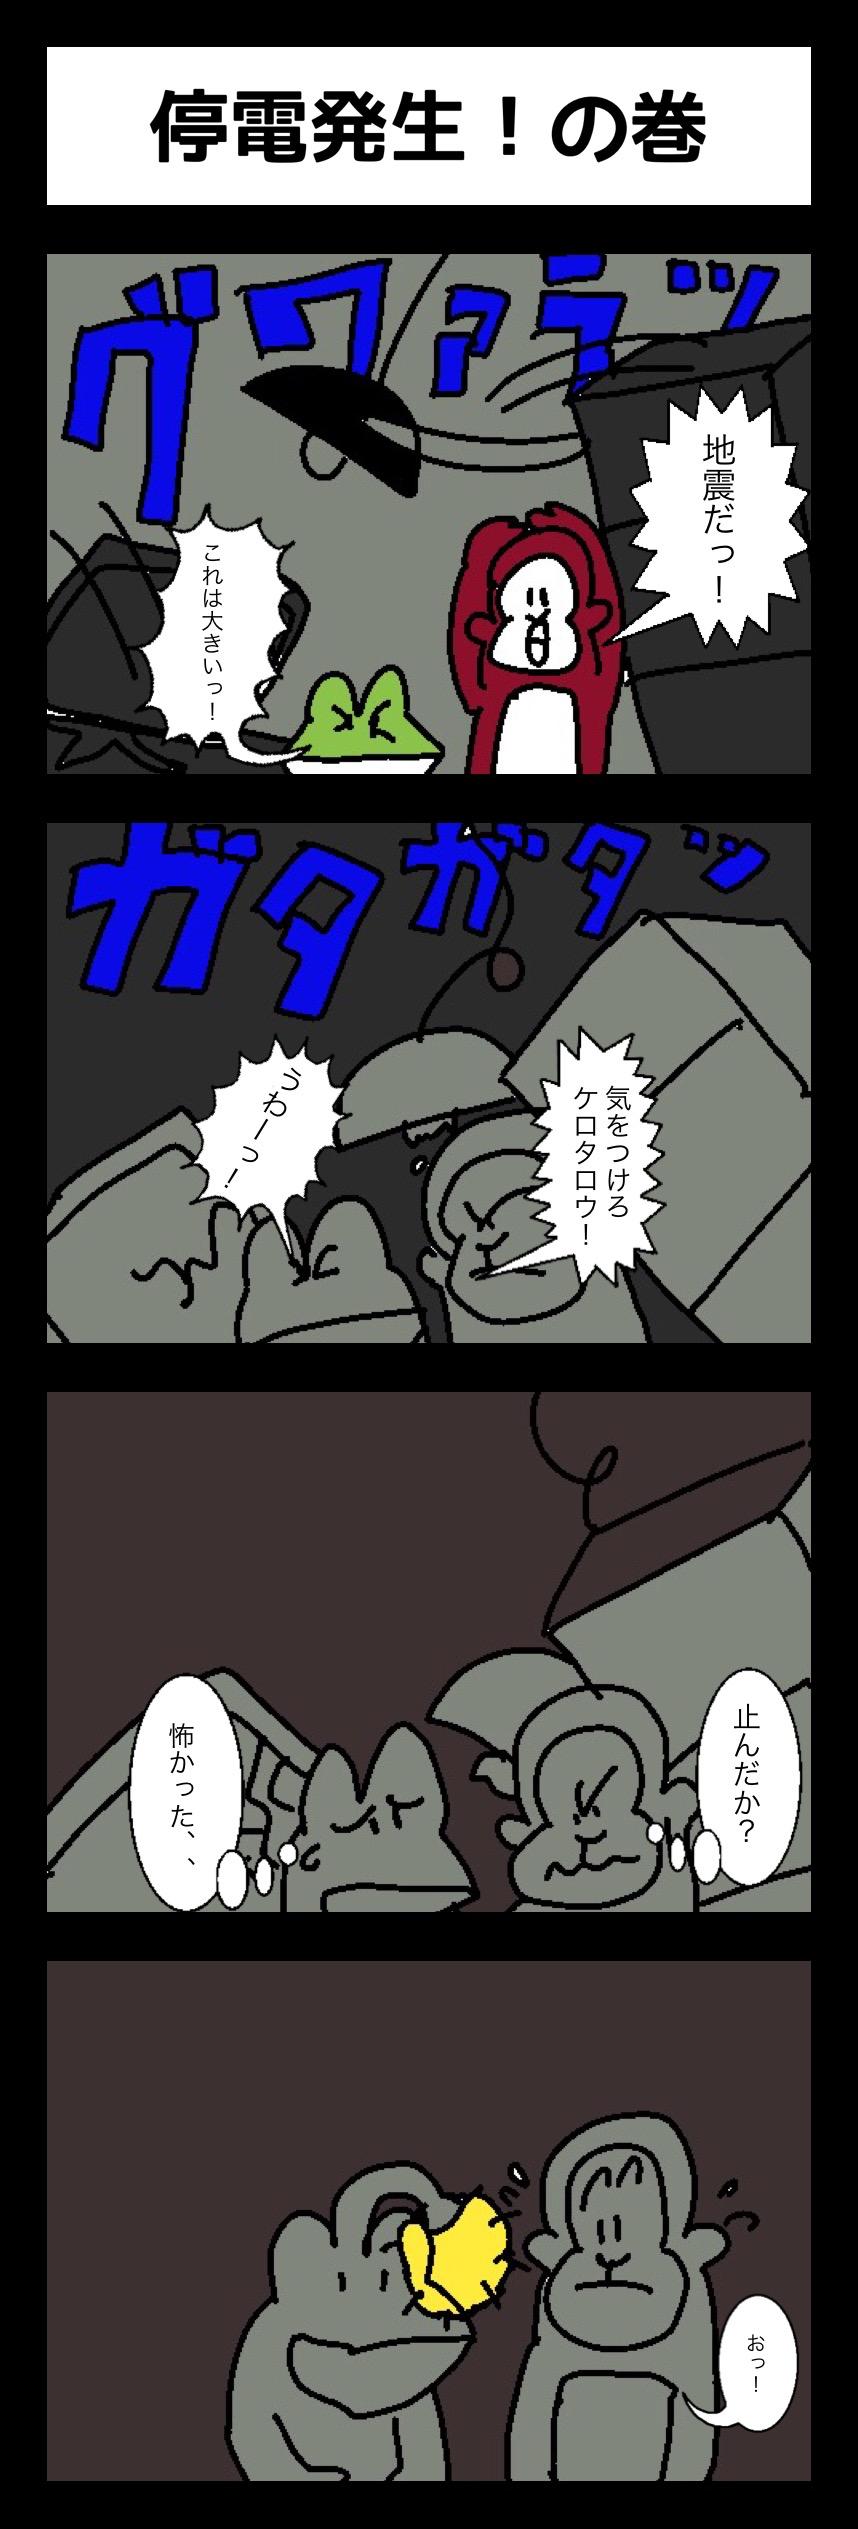 PHEV鳥獣戯画 その41「停電発生の巻」